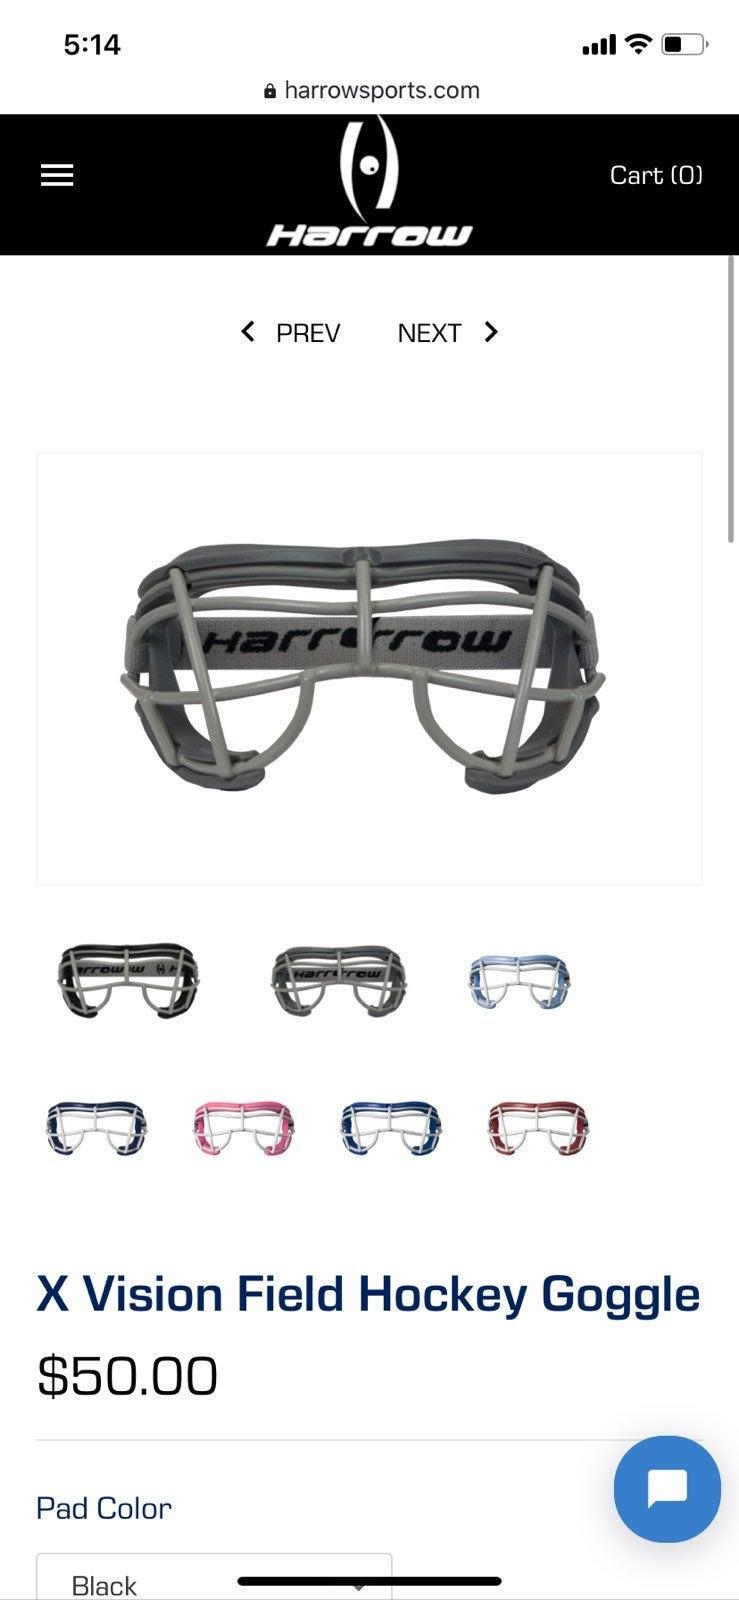 Harrow X vision field hockey goggles